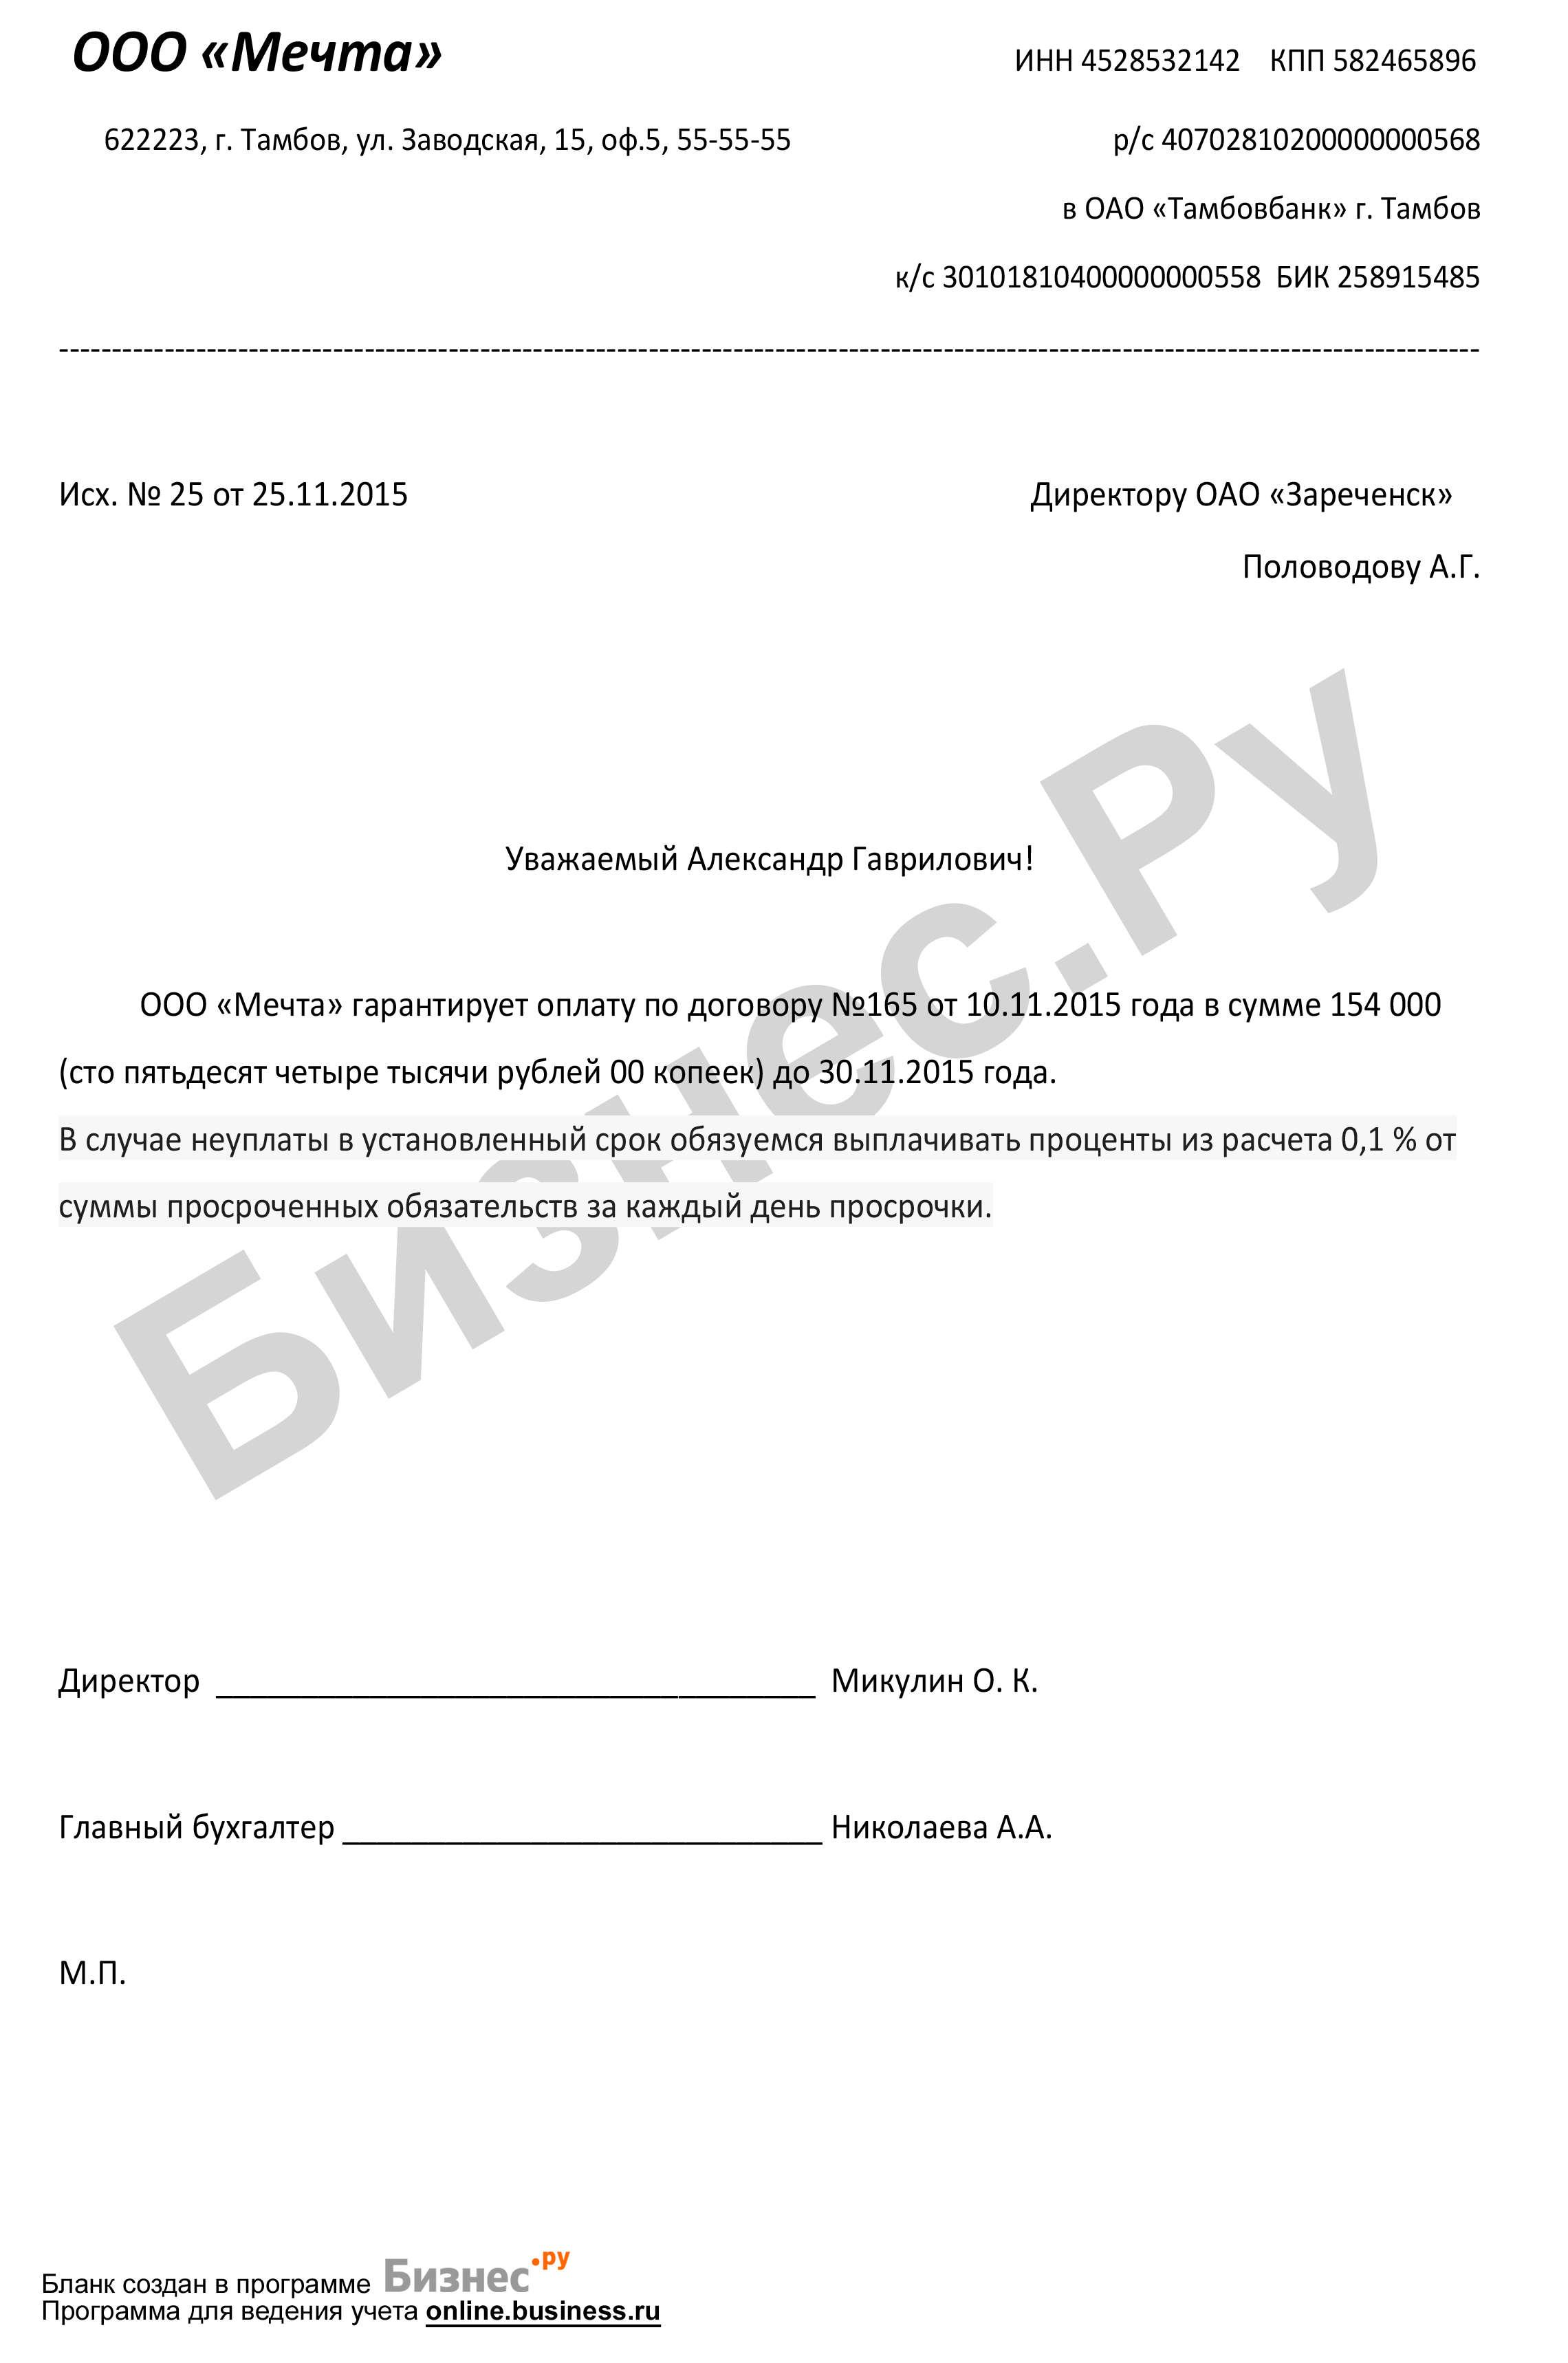 Письмо о вынесении дисциплинарного взыскания в прокуратуру